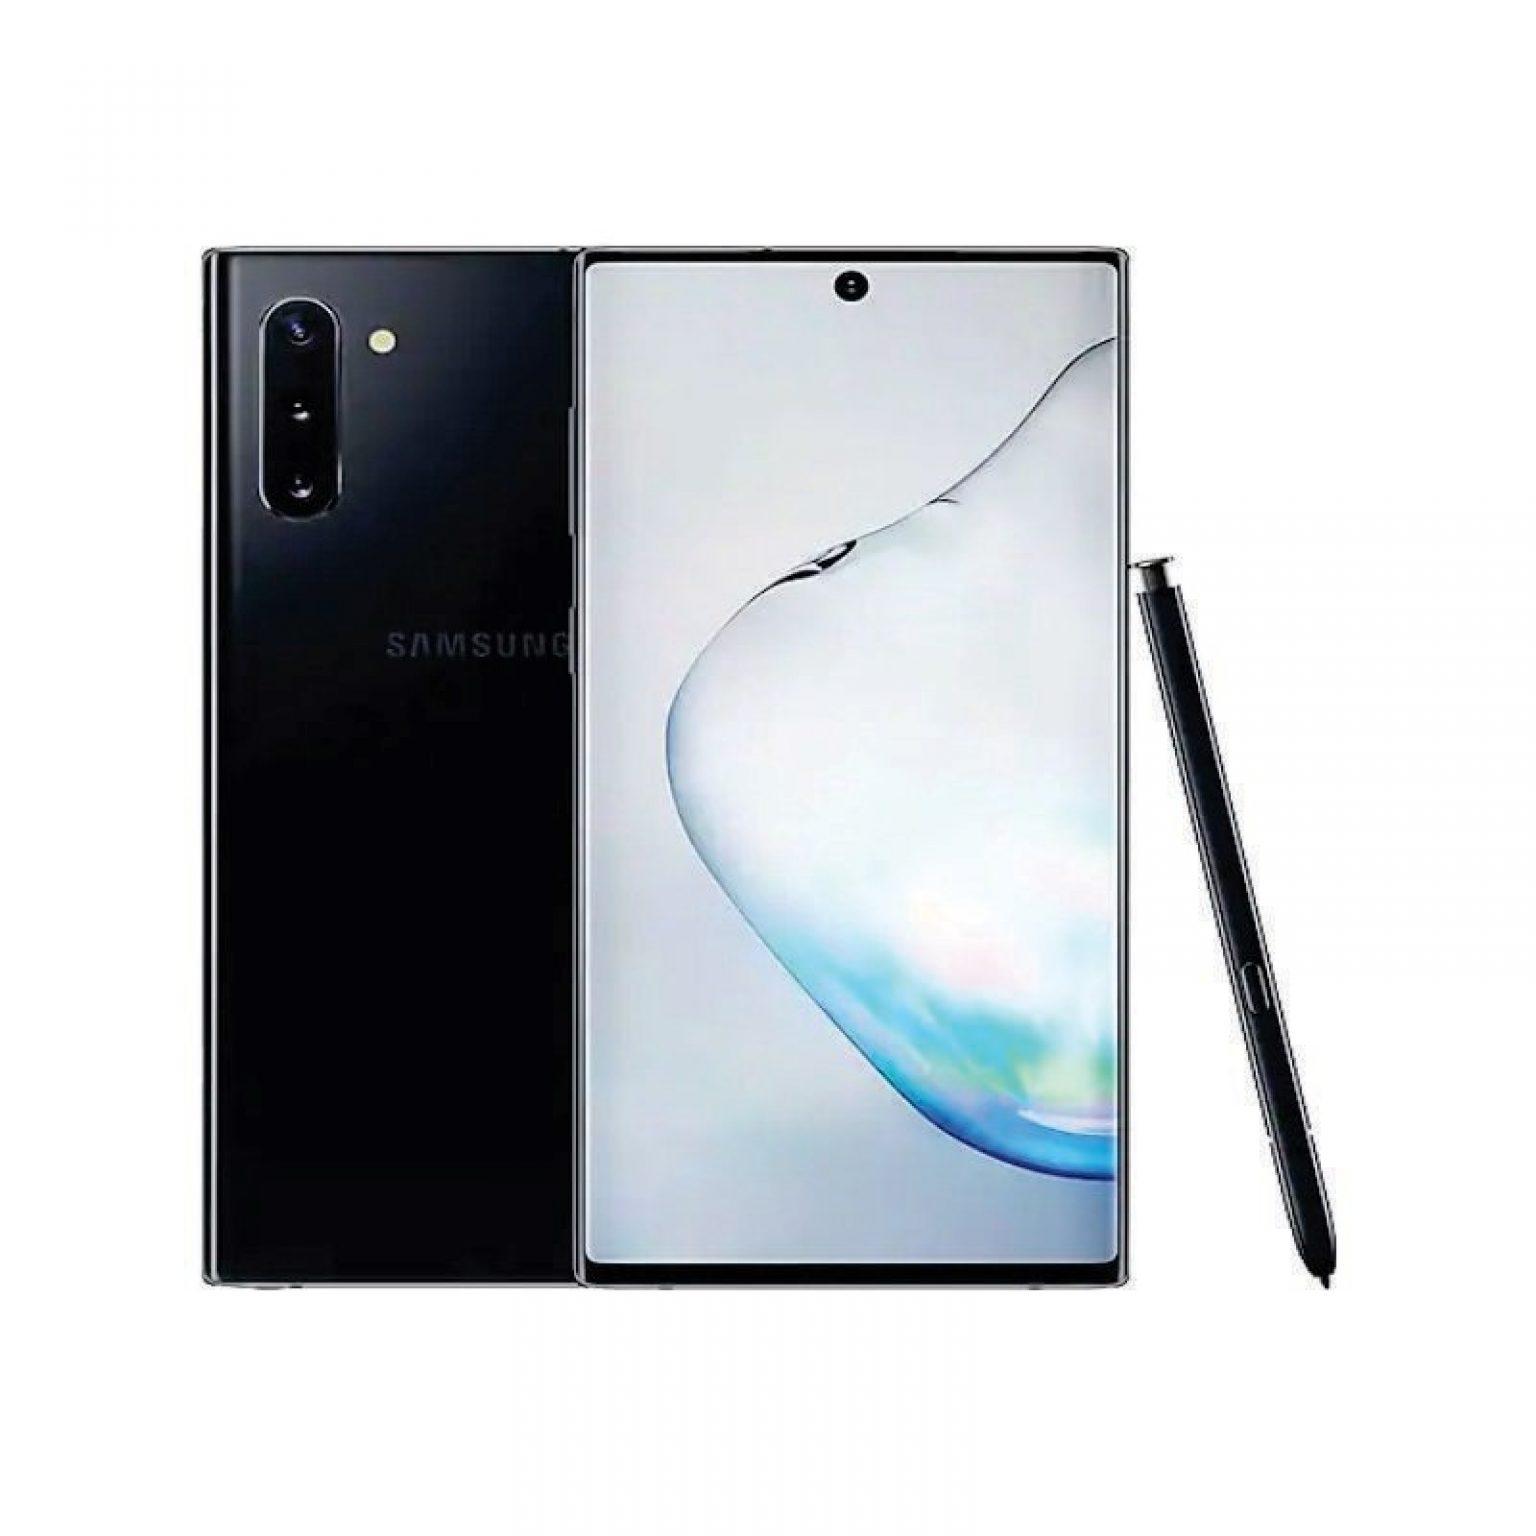 SAMSUNG - Galaxy Note 10 Aura Black [SM-N970FZKDXID]